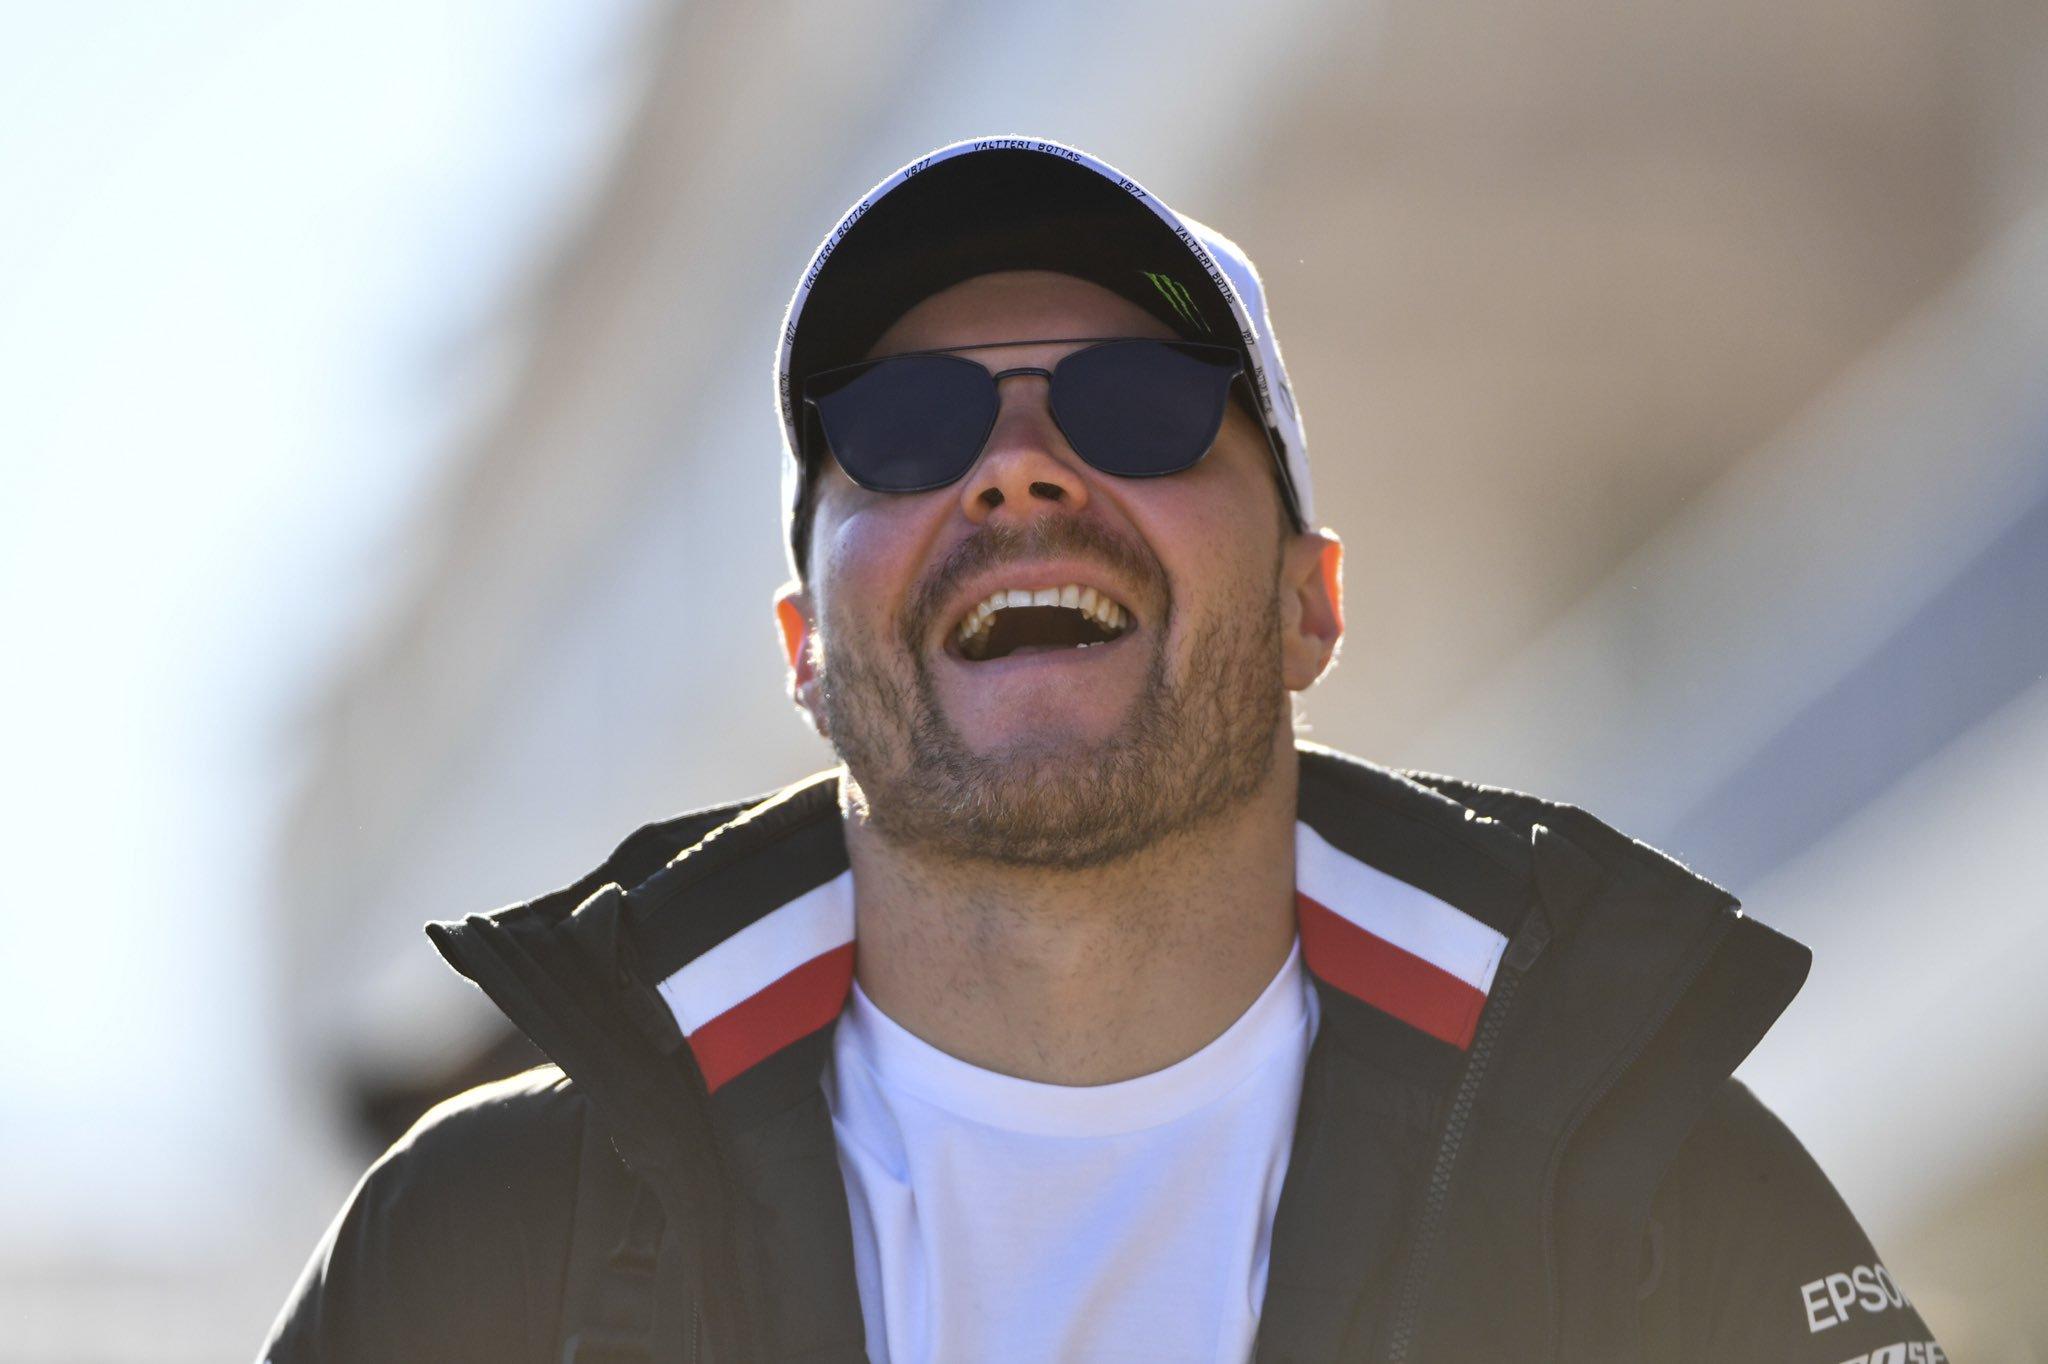 Валттери Боттас завоевал поул к Гран-при США 2019 года, Квят — 13-й